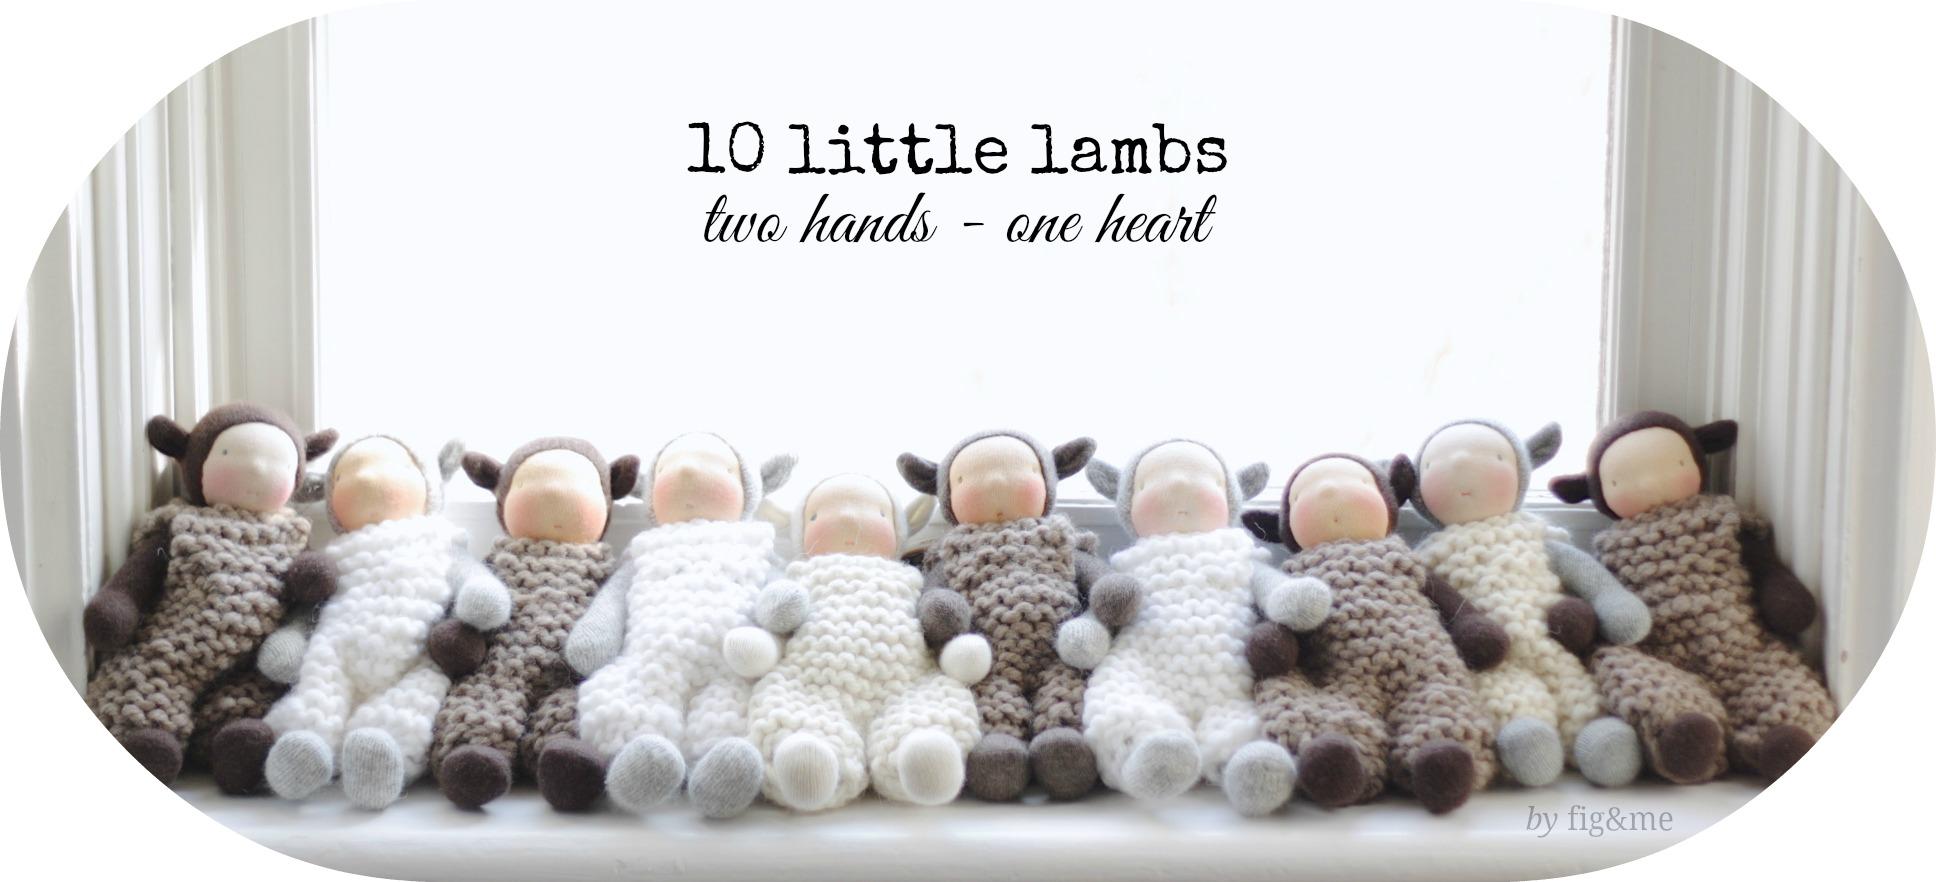 Ten little lambs, by Fig&me